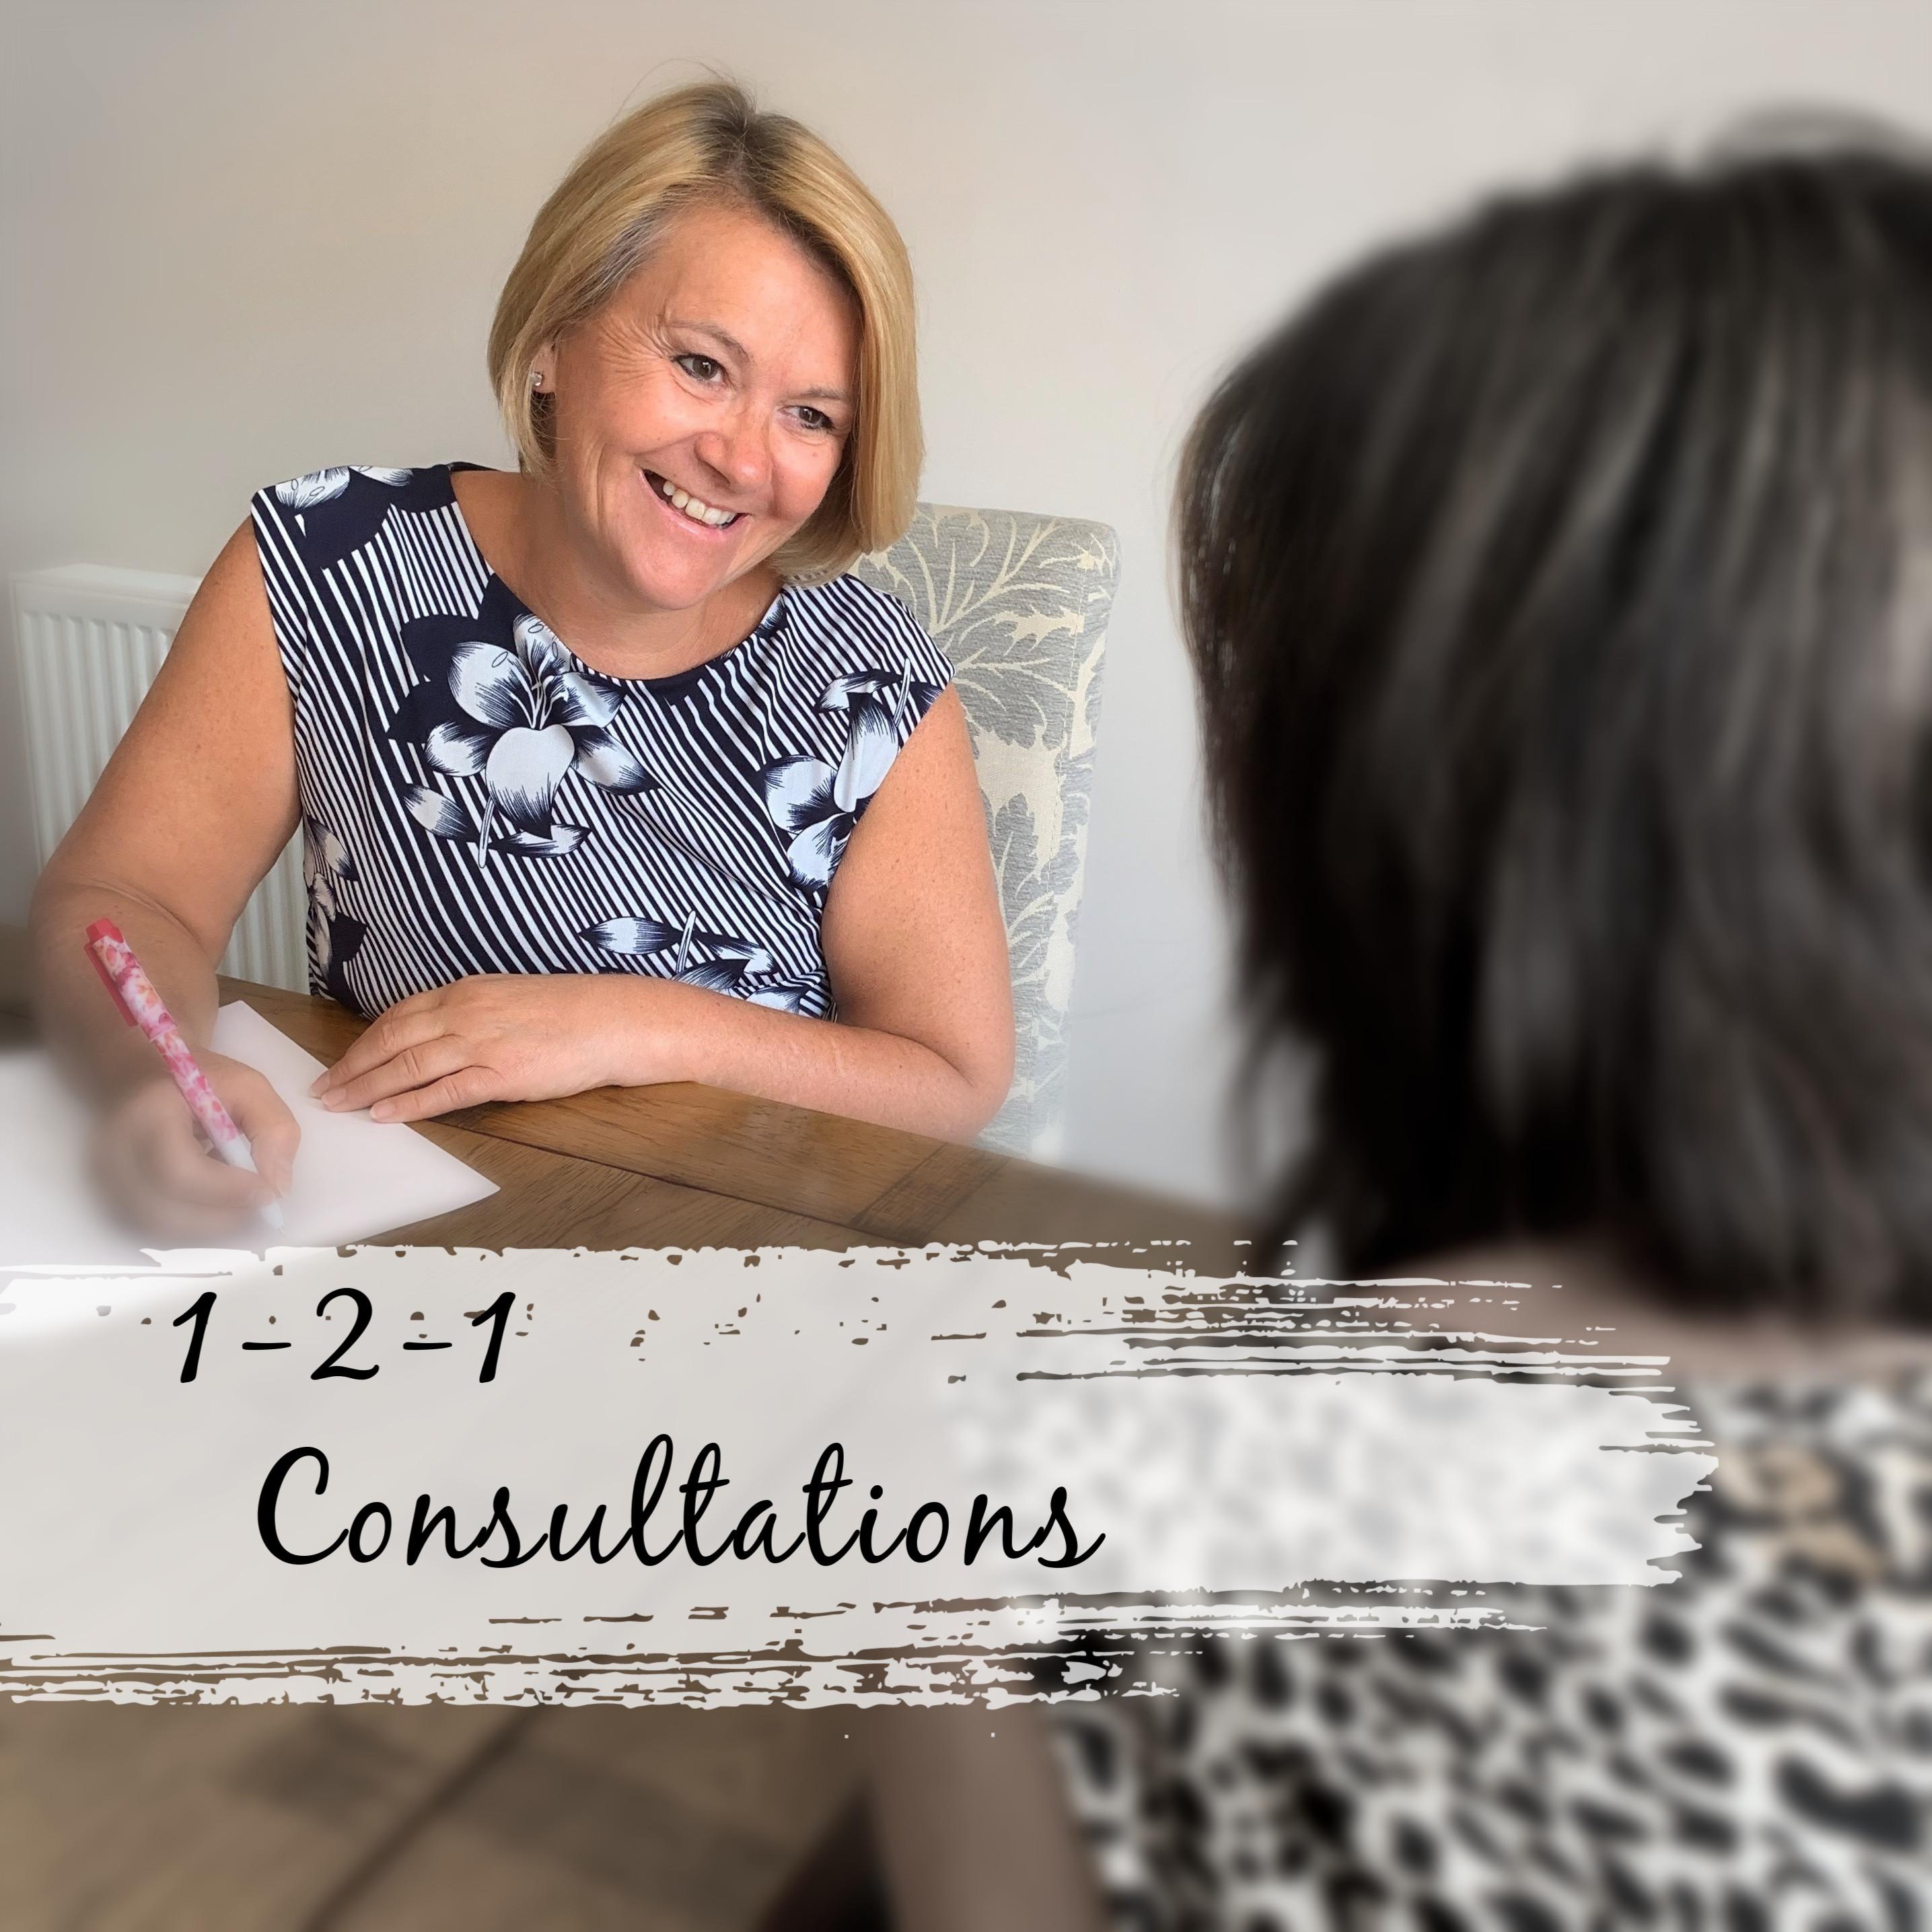 1-2-1 Consultation